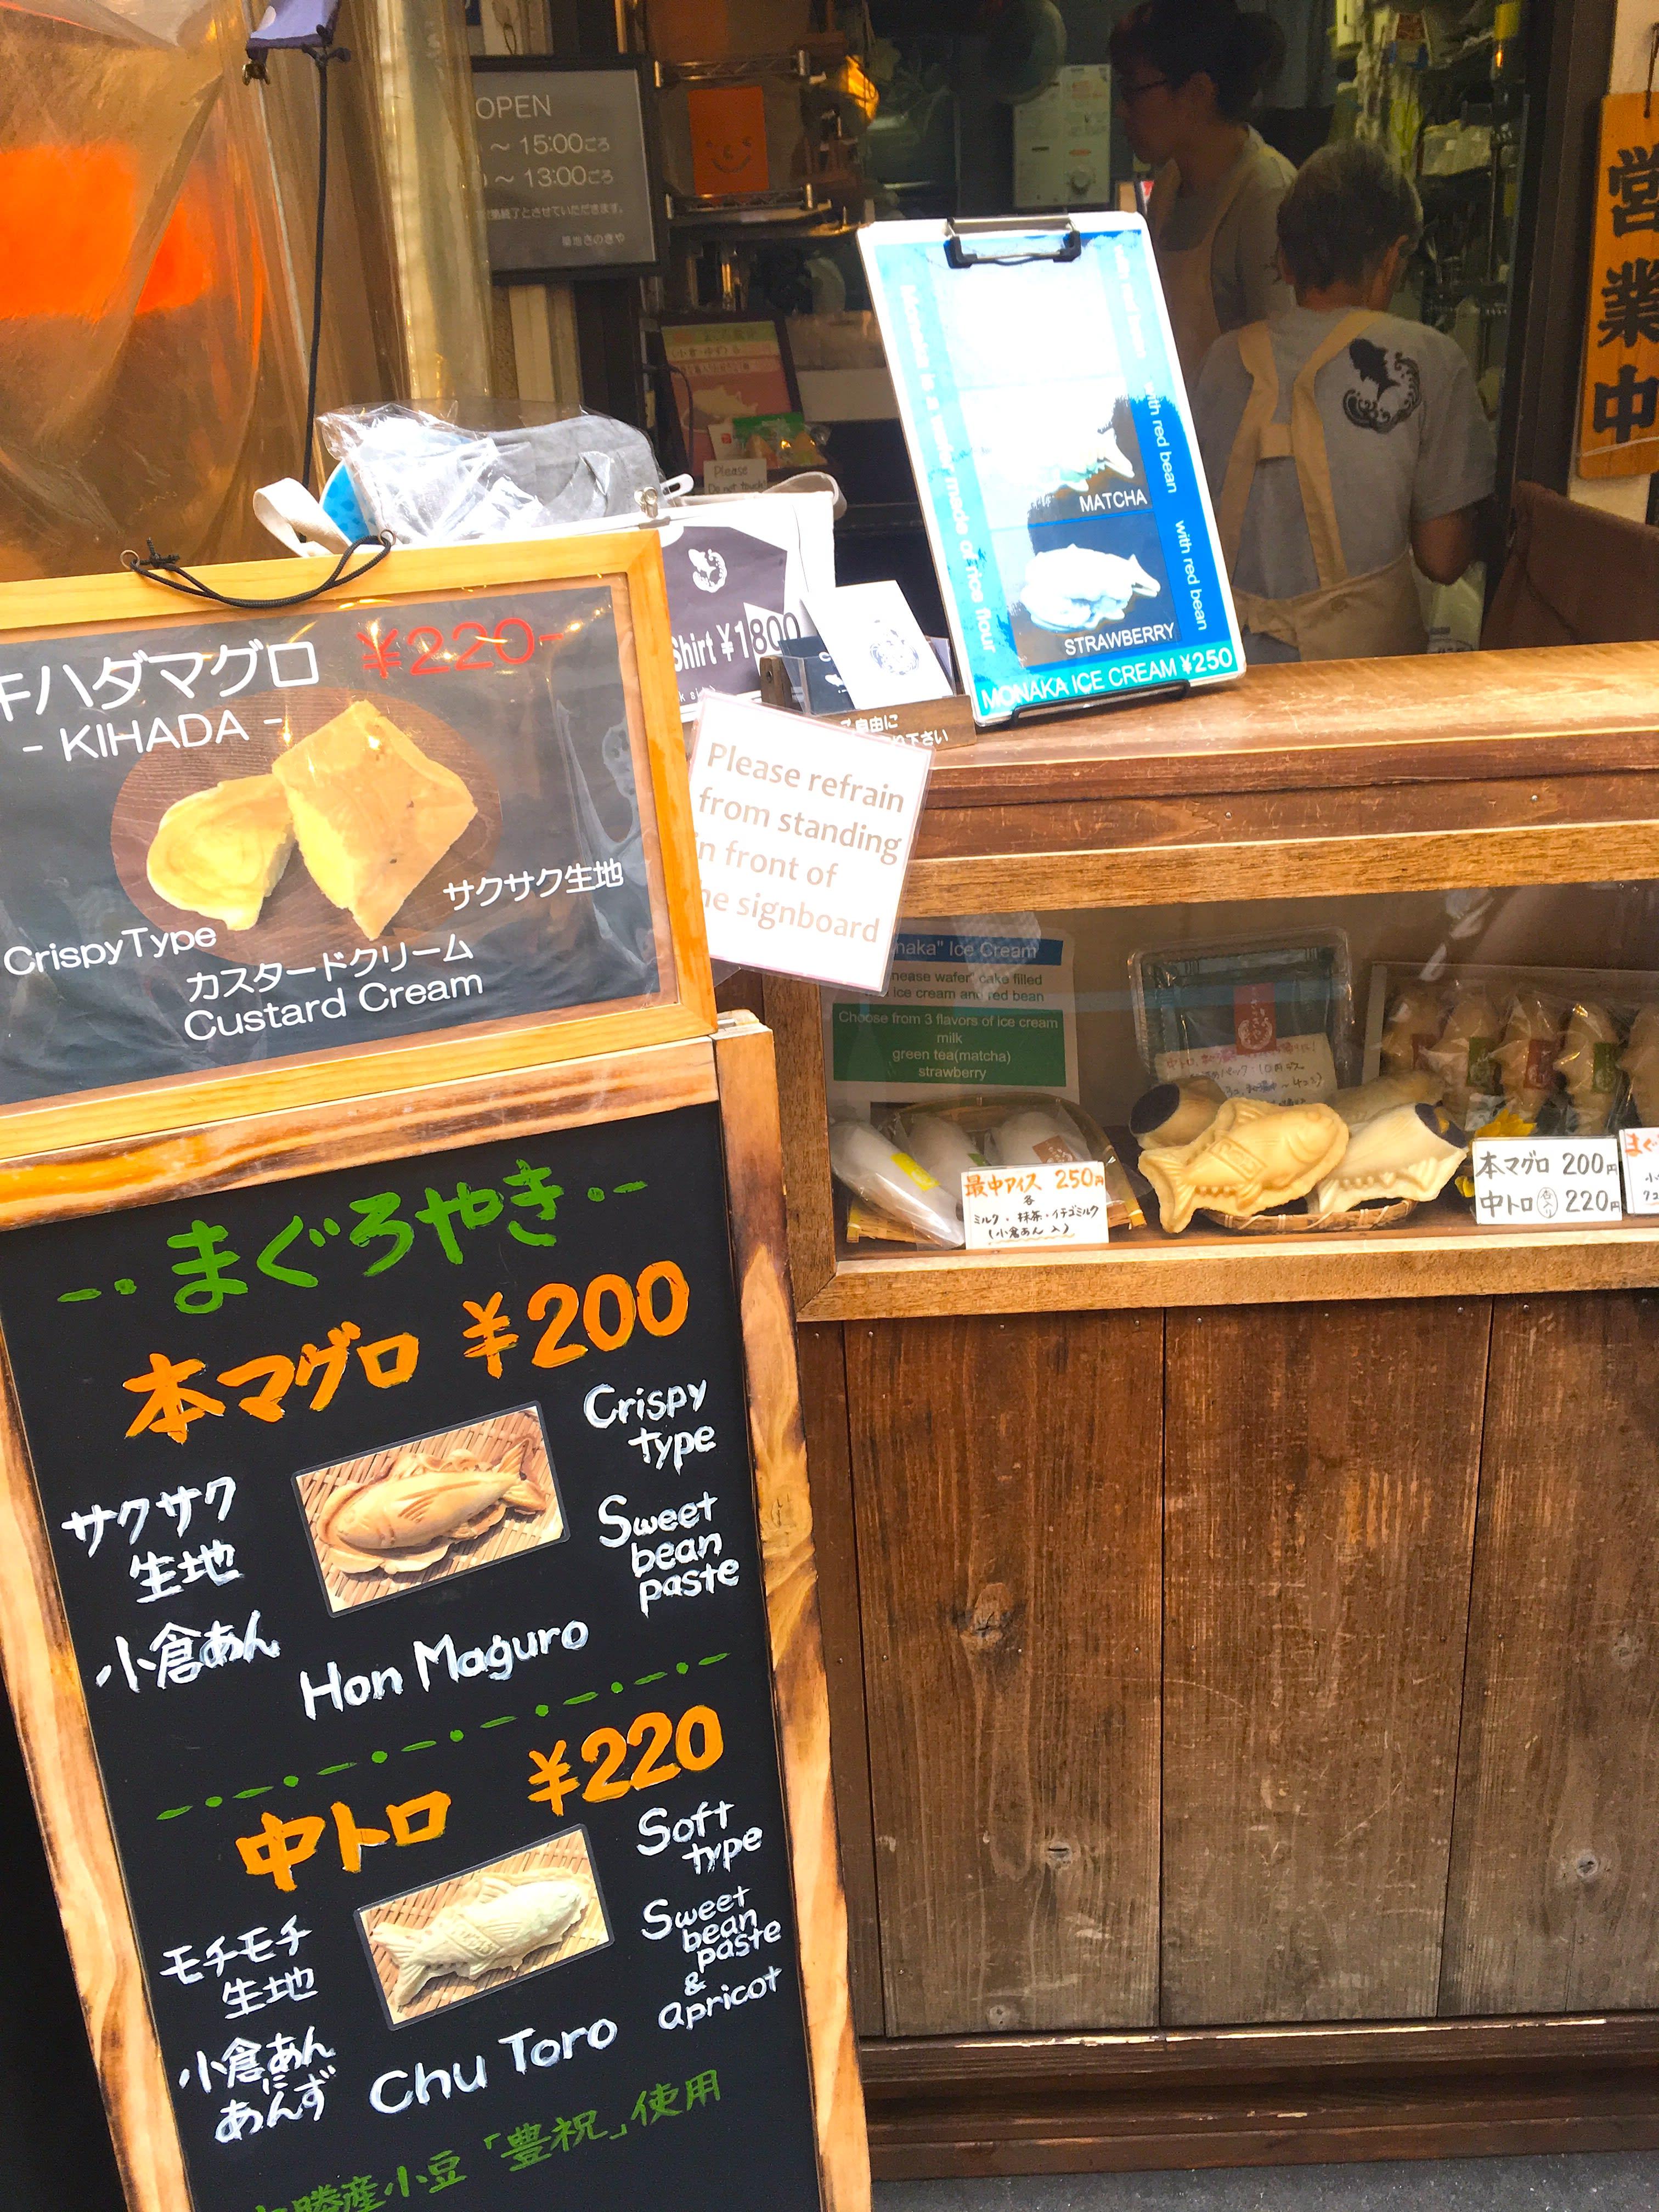 鮪魚燒餡料有紅豆、奶油等口味!(圖片取自valepra0330)